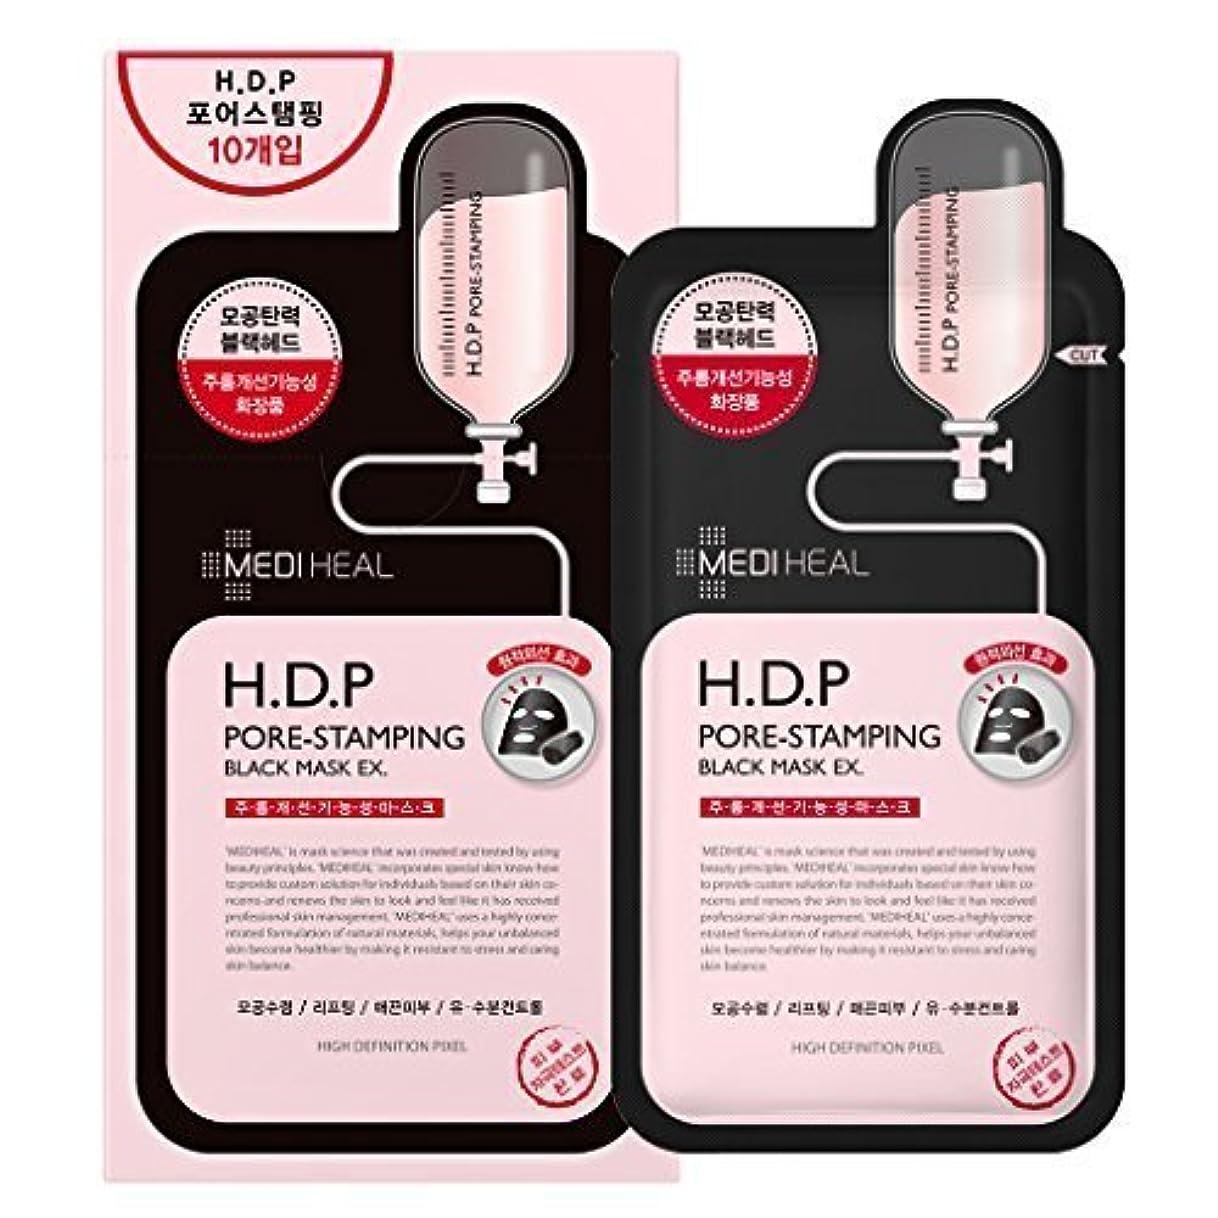 気を散らす床を掃除する苛性Mediheal h.d.p細孔スタンピングブラックマスクEX。 10のパック [並行輸入品]